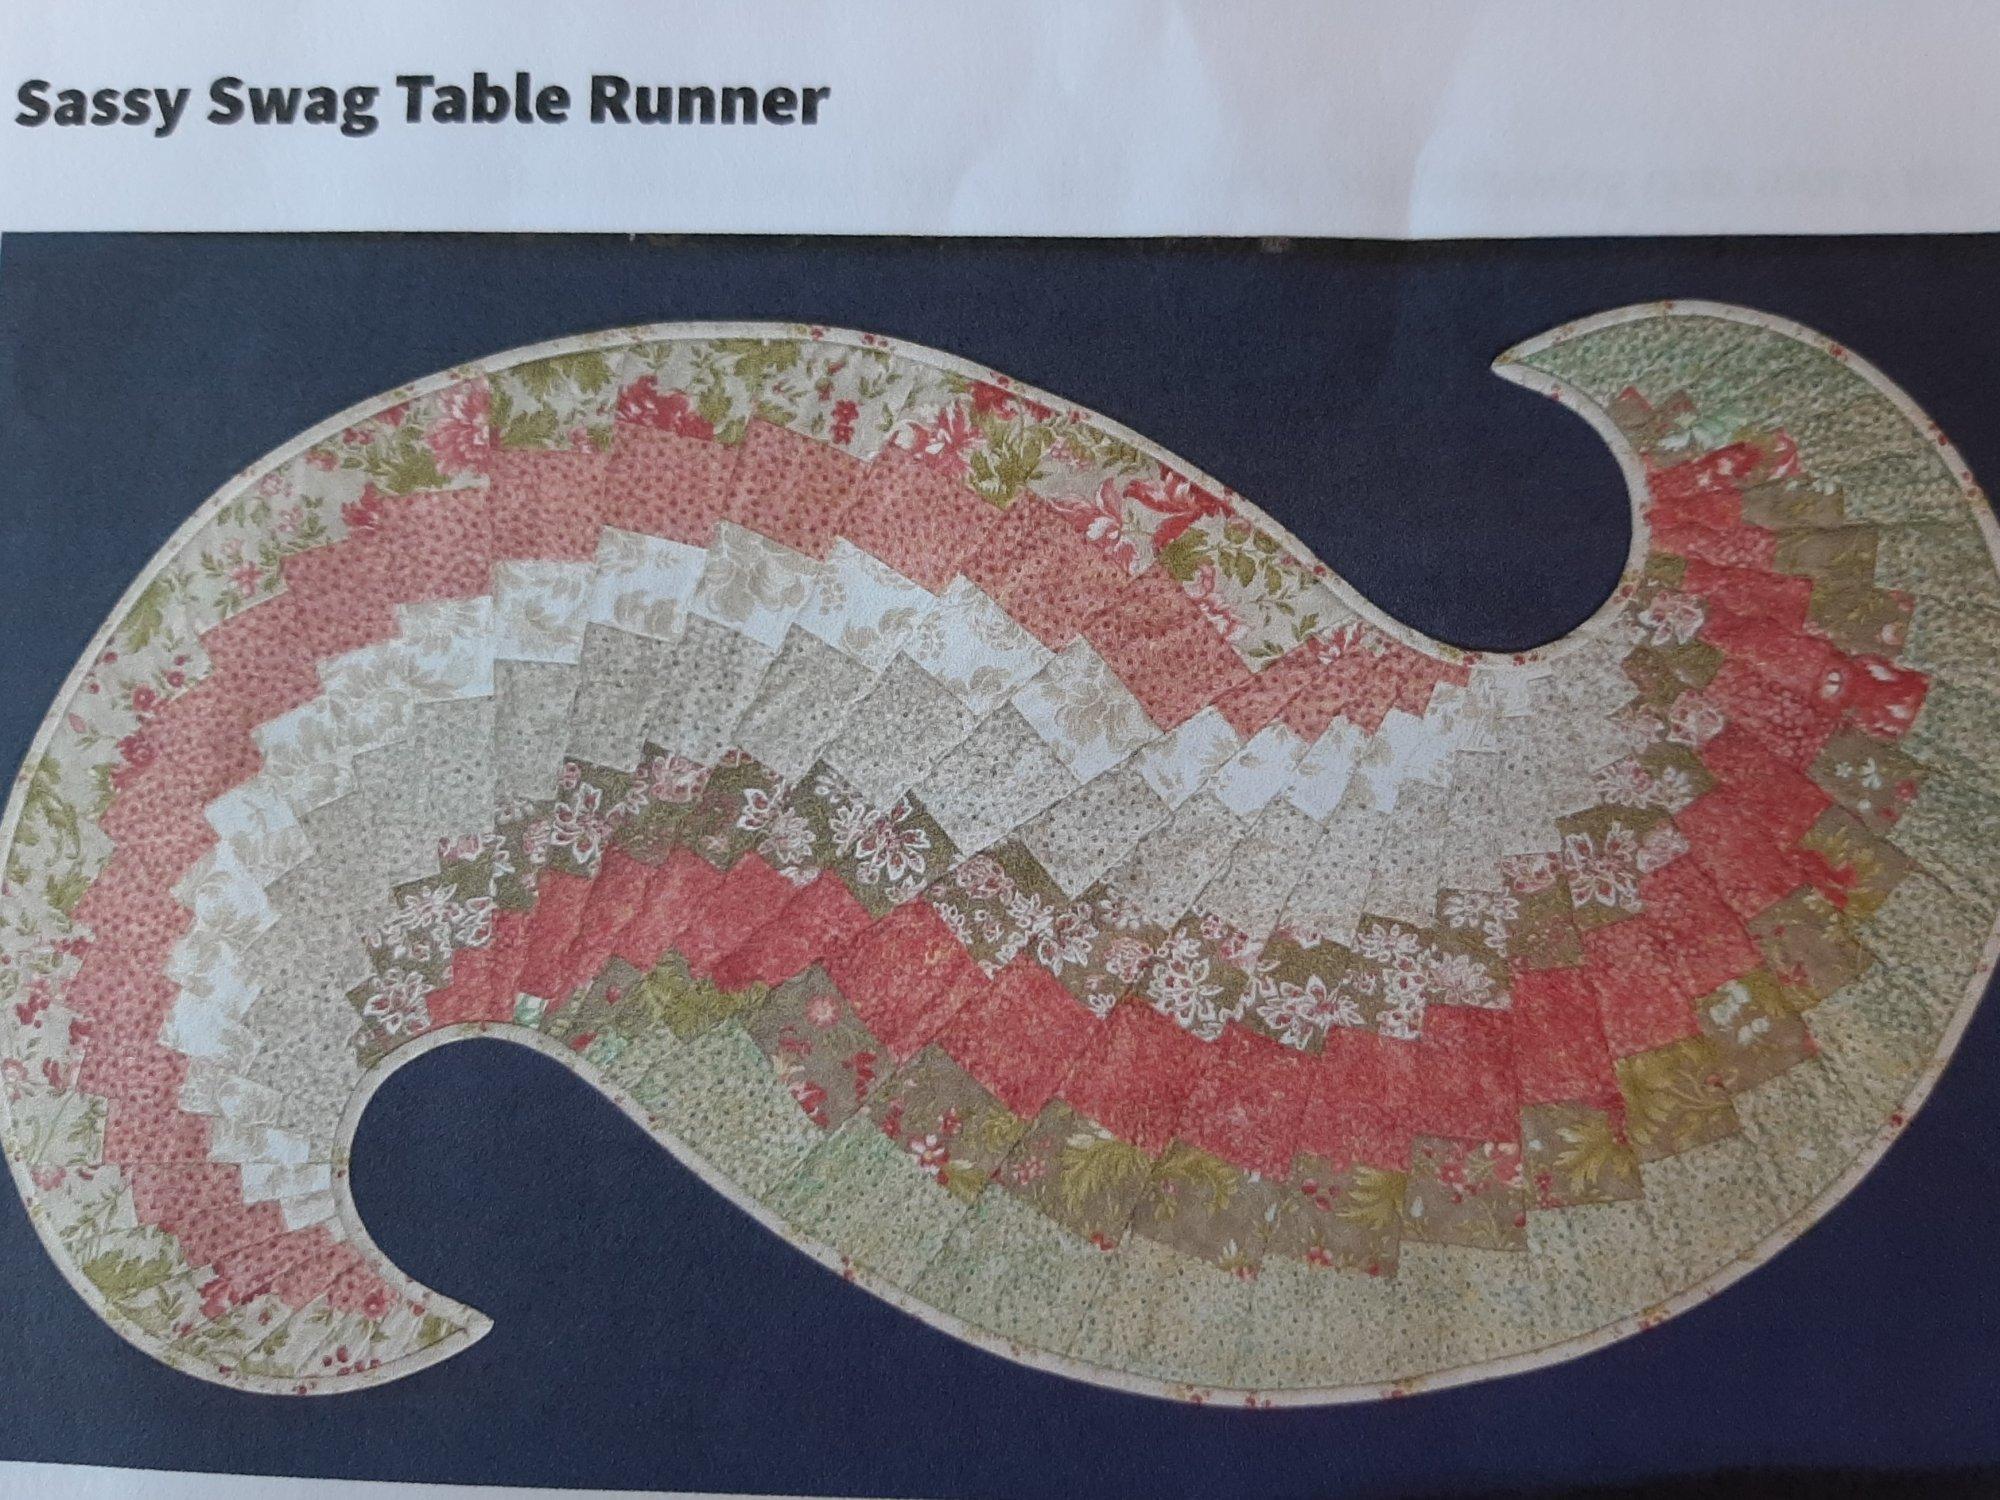 Sassy Swag Table Runner